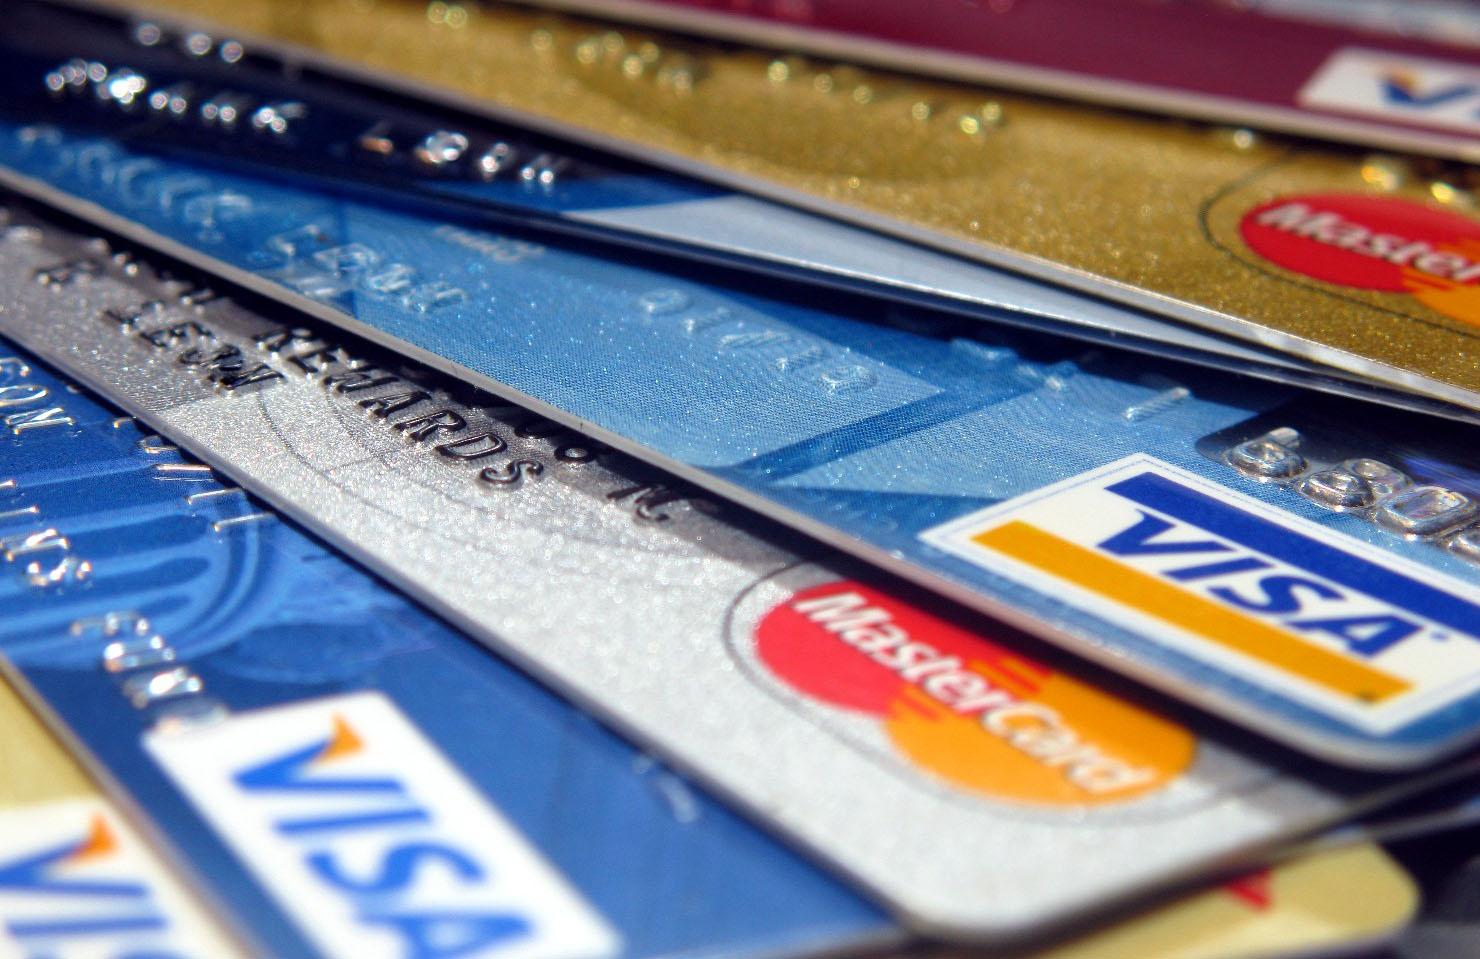 Det er skremmende enkelt å gjette seg frem til kredittkortnumre, viser ny forskning.